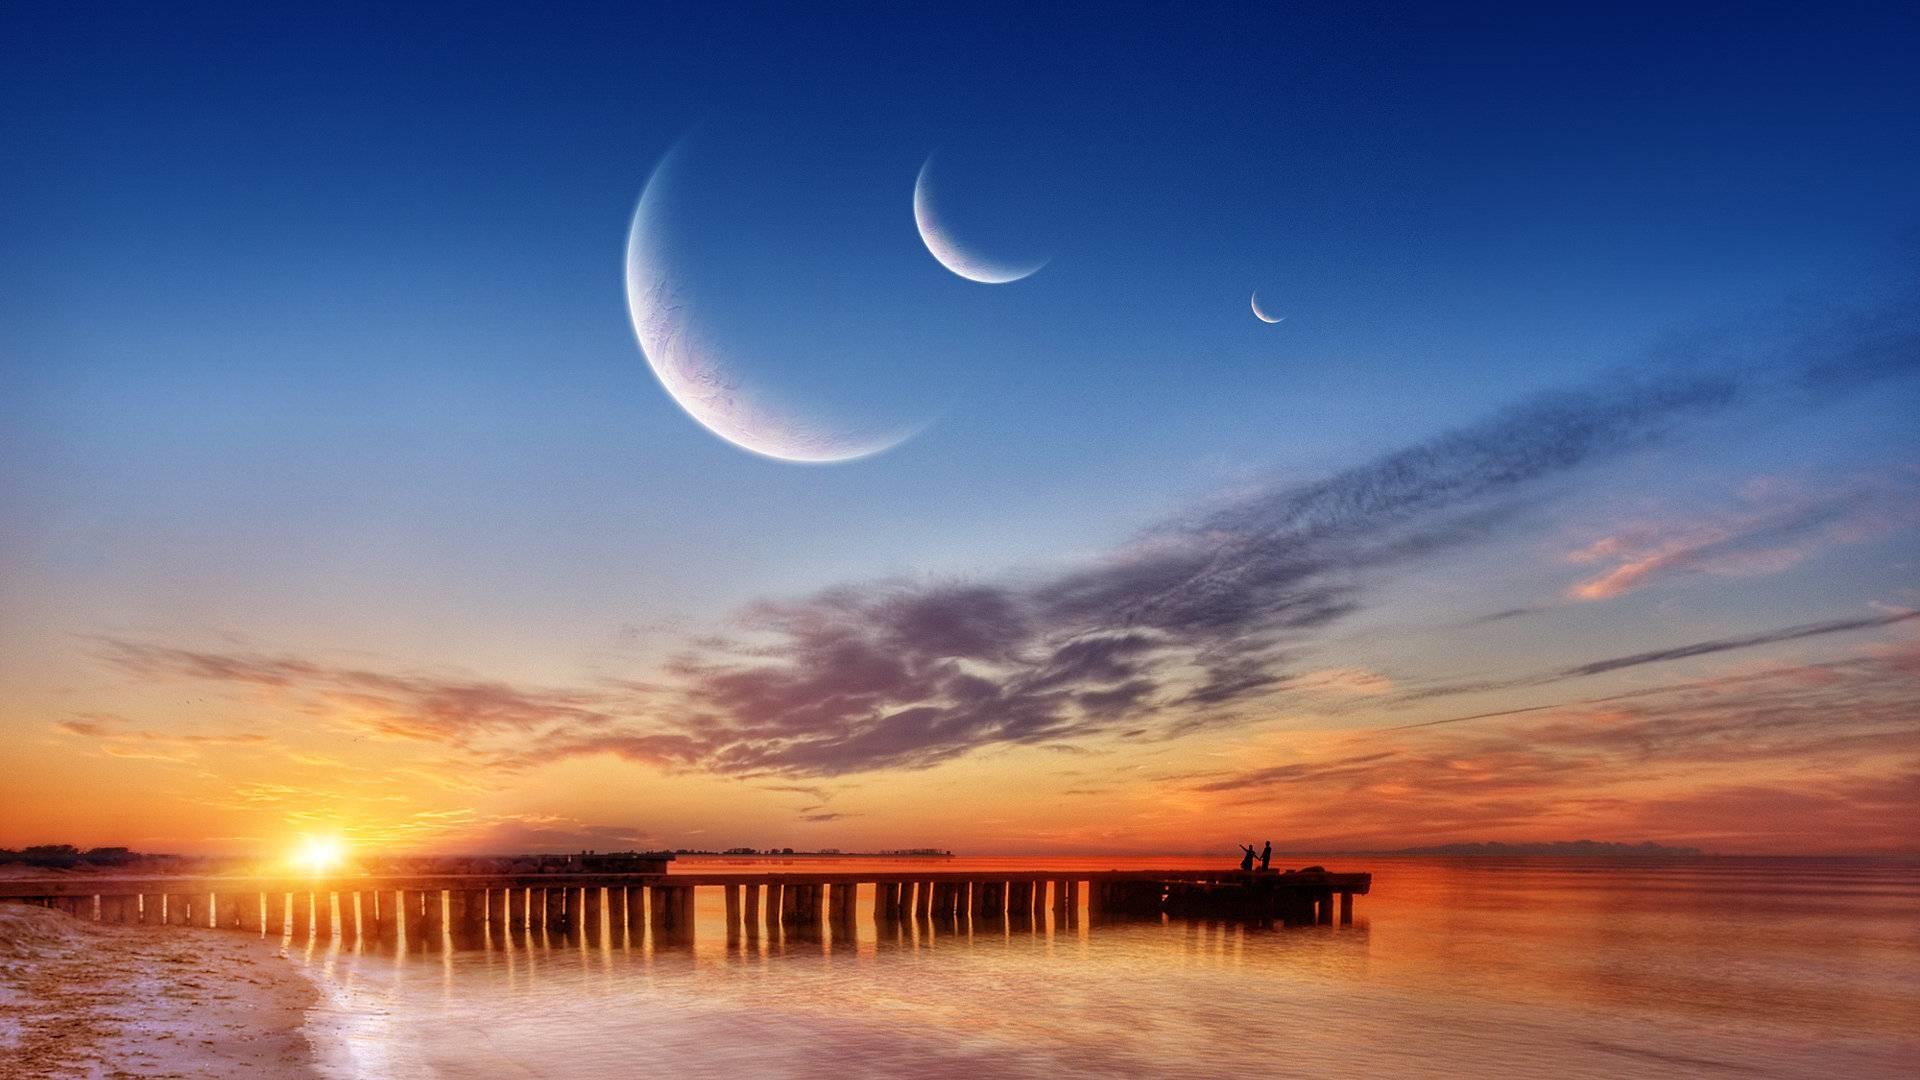 картинки луны или заката на небе контрастности объёма